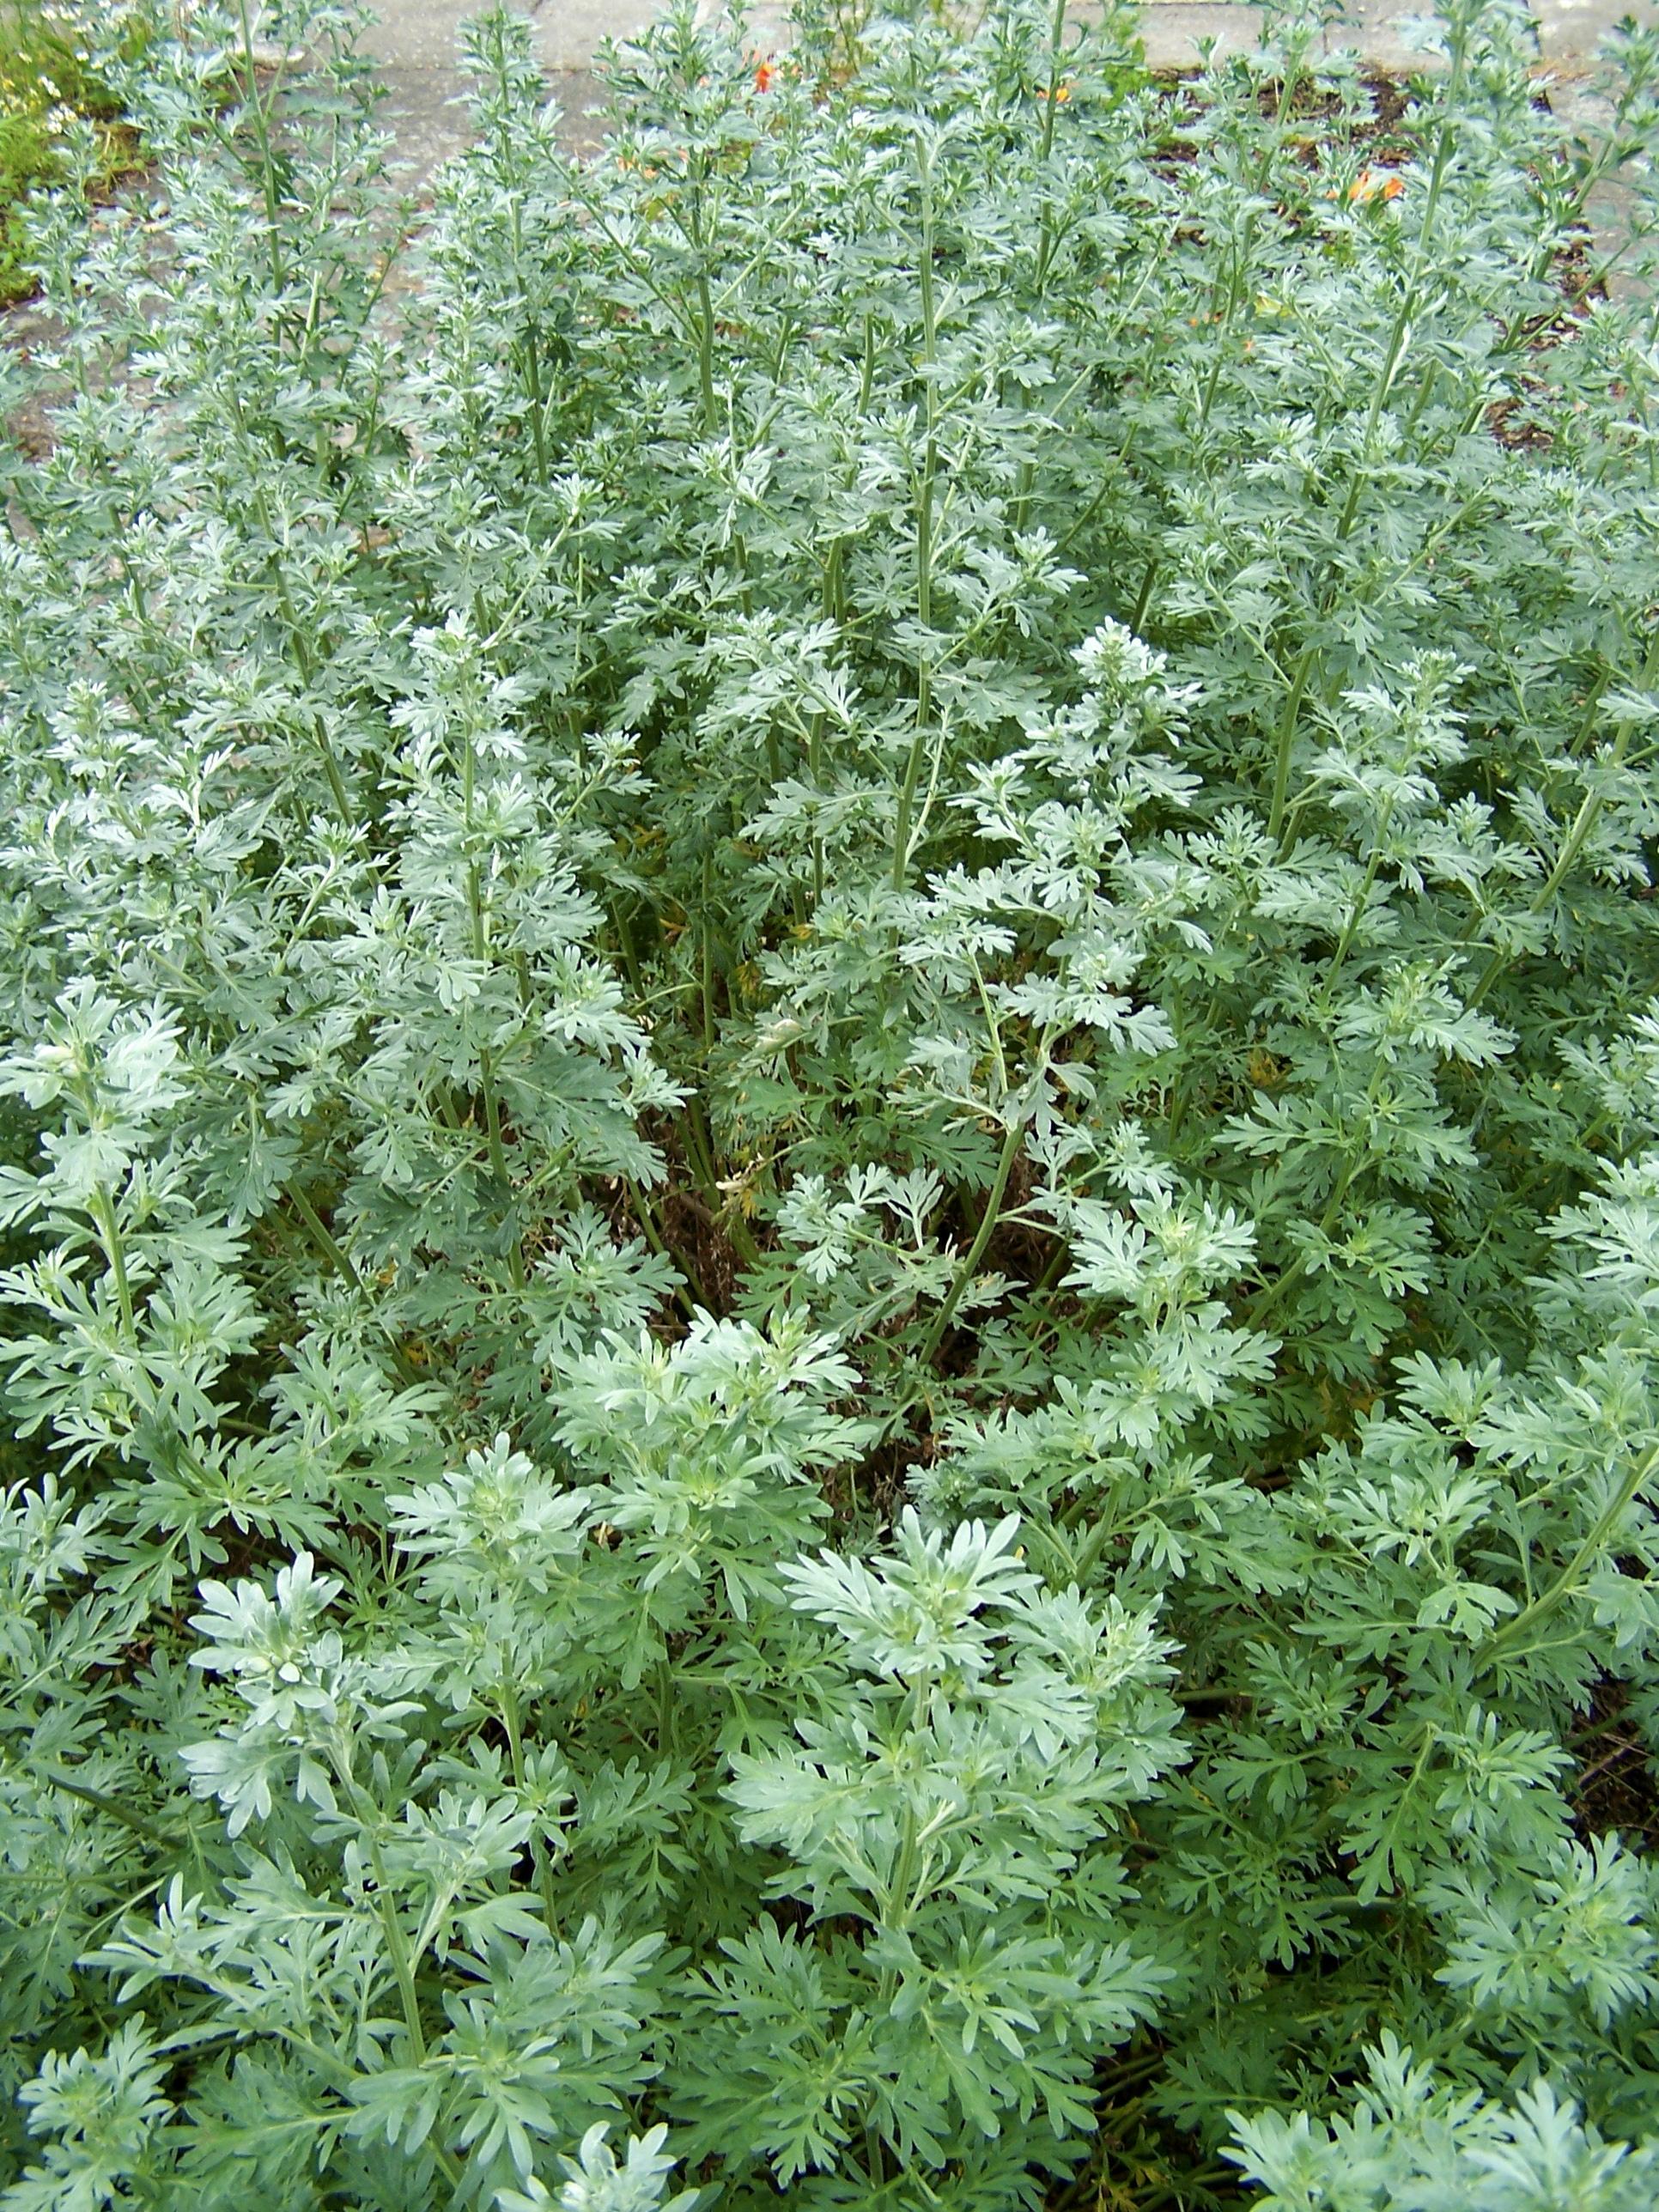 Artemisia Absinthium Wormwood: File:Artemisia Absinthium 001.jpg